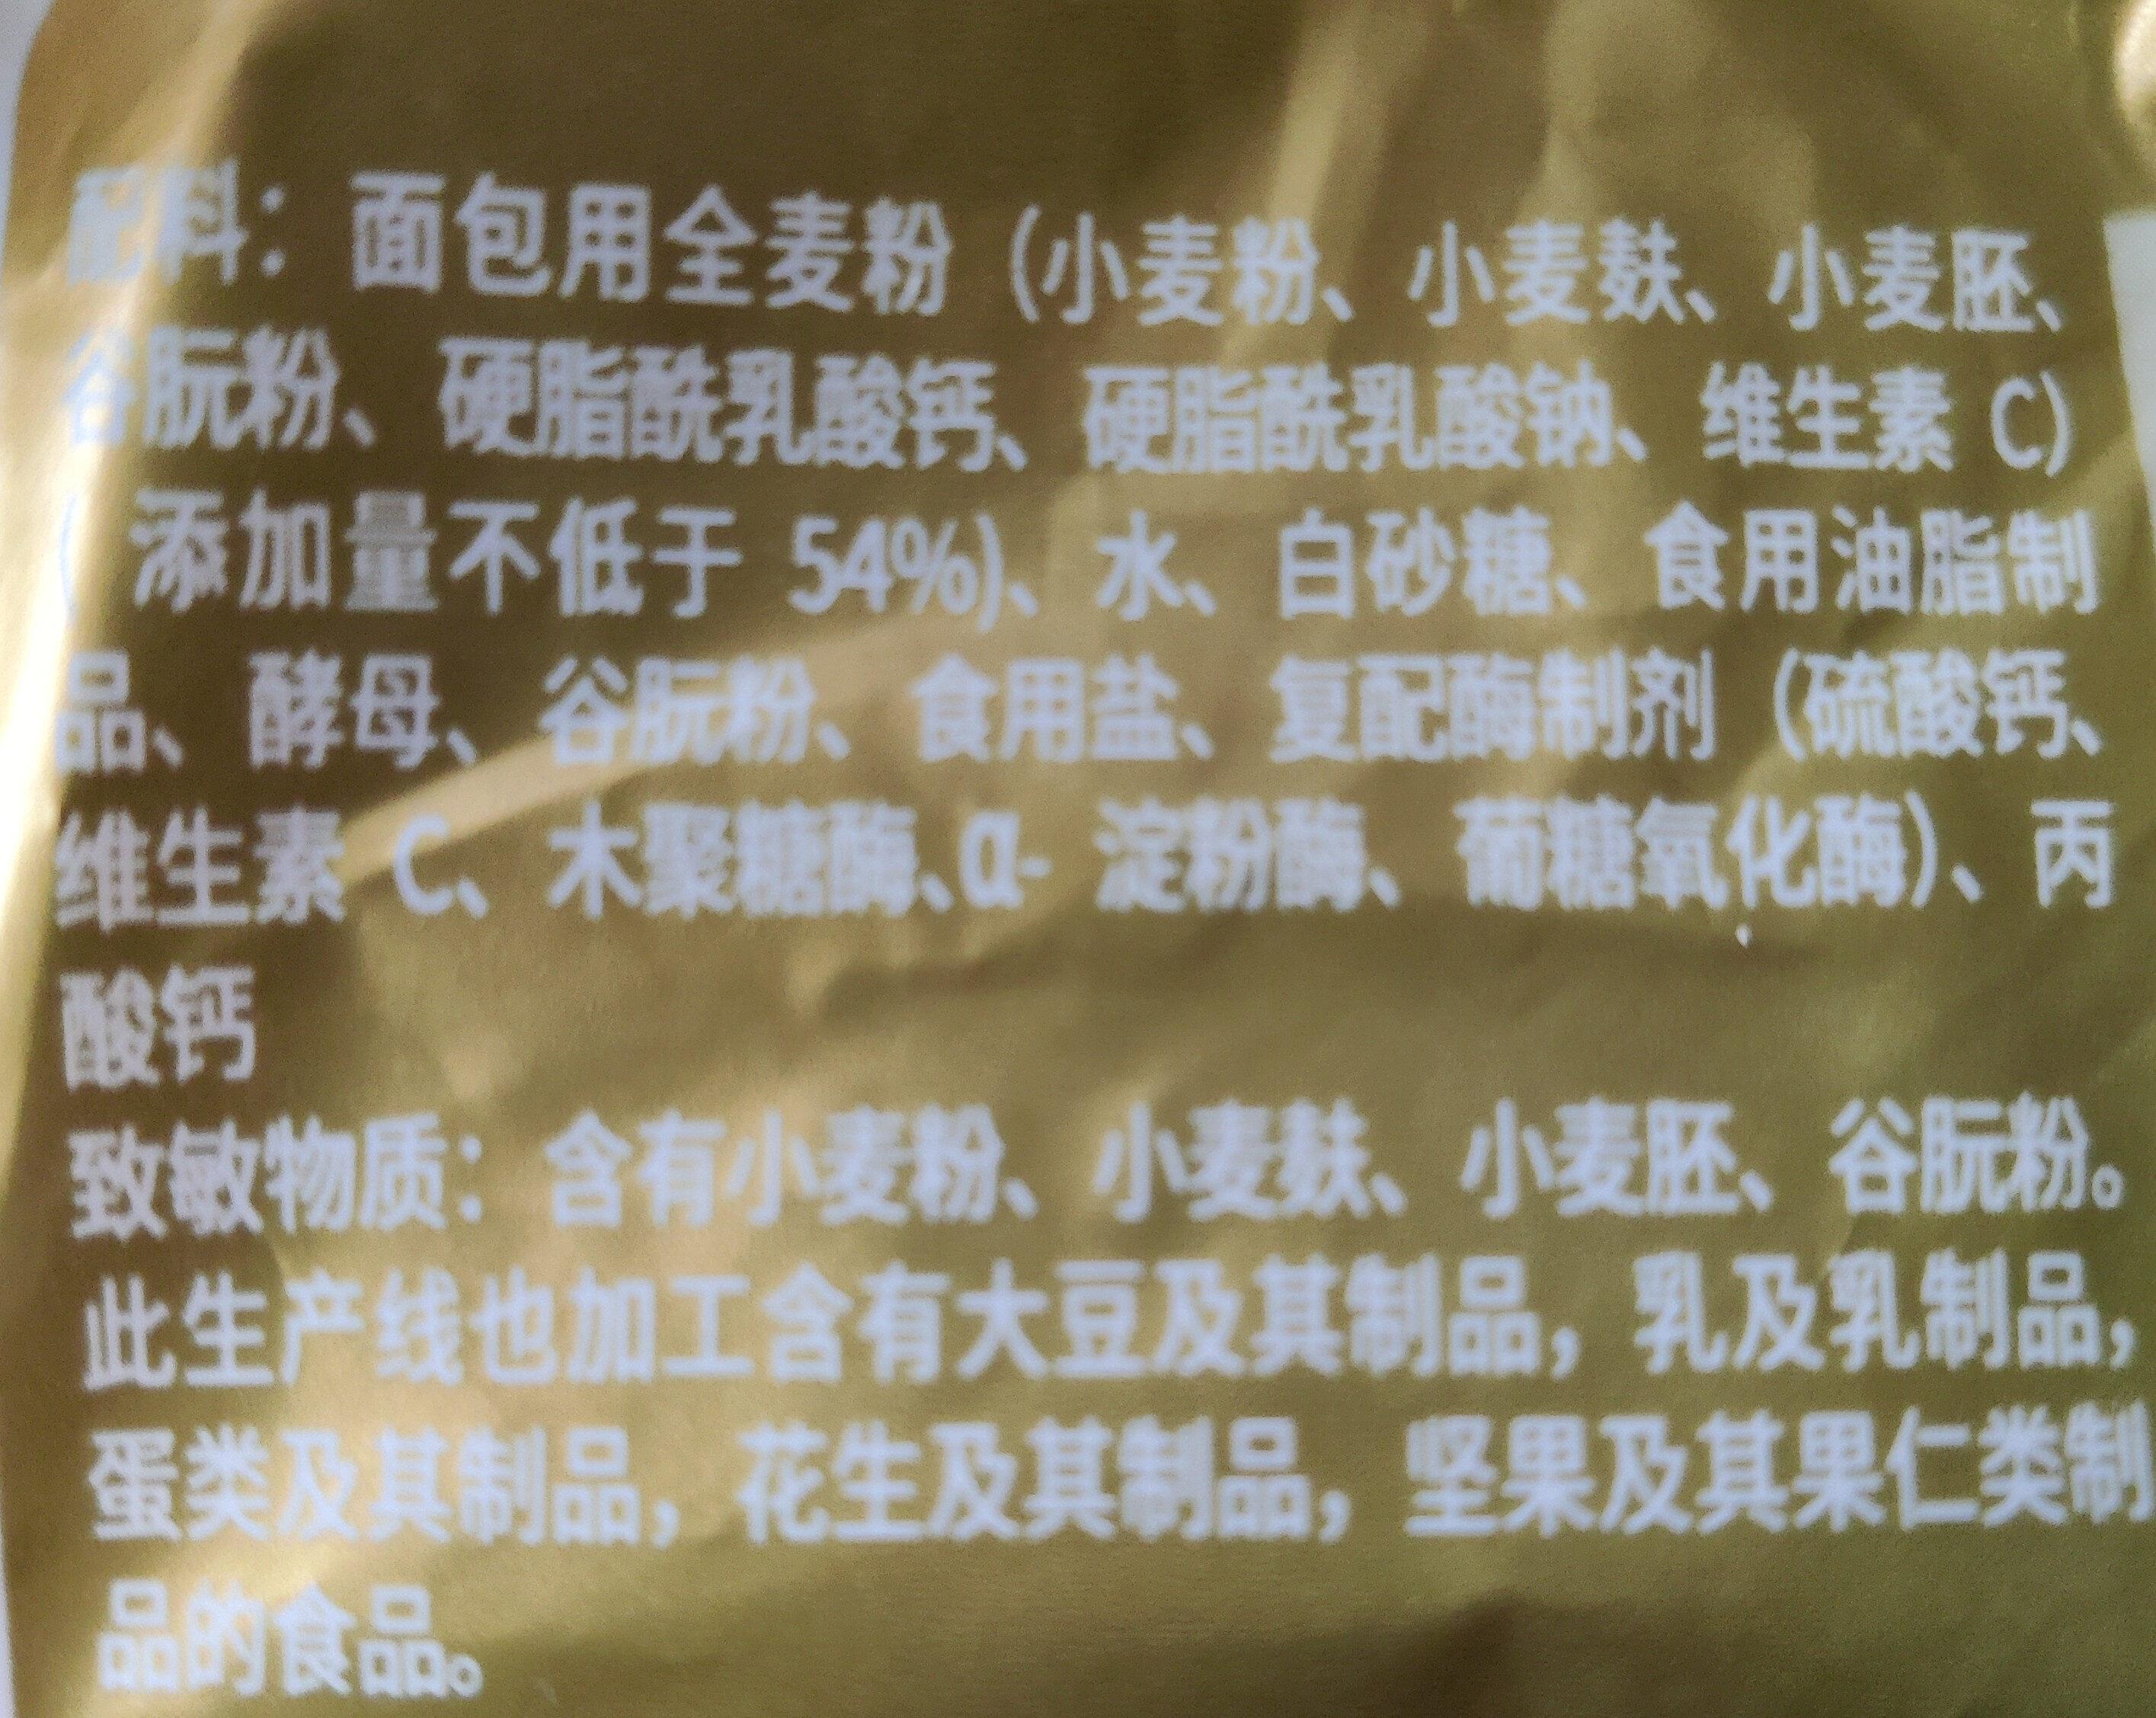 高纤维全麦切片面包 - 成分 - zh